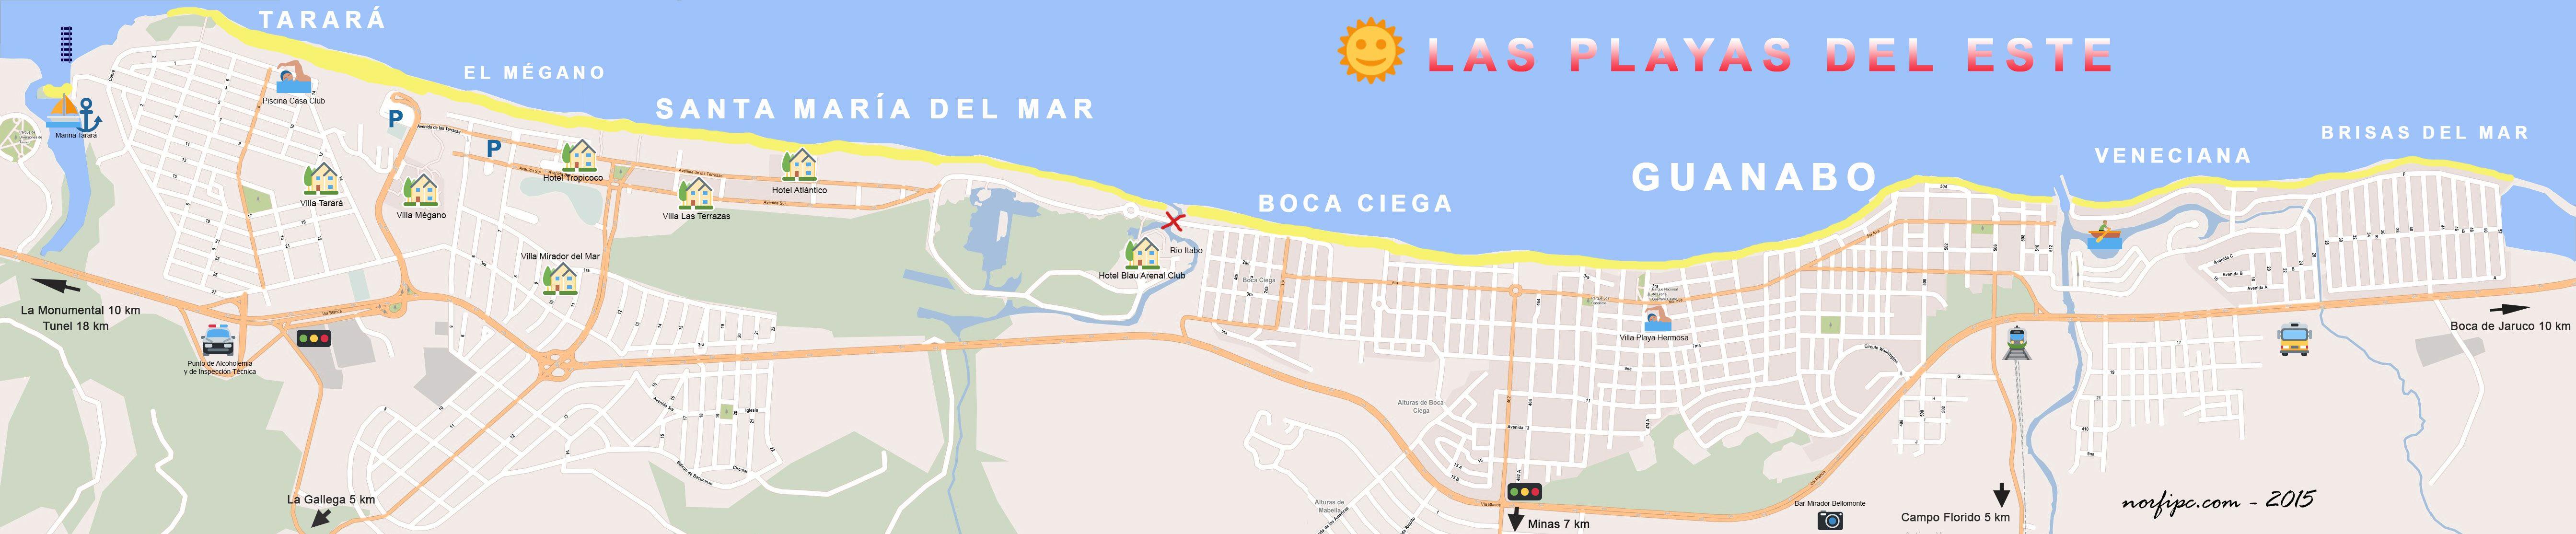 Mapa de las Playas del Este de la Habana Tarar el Mgano Santa